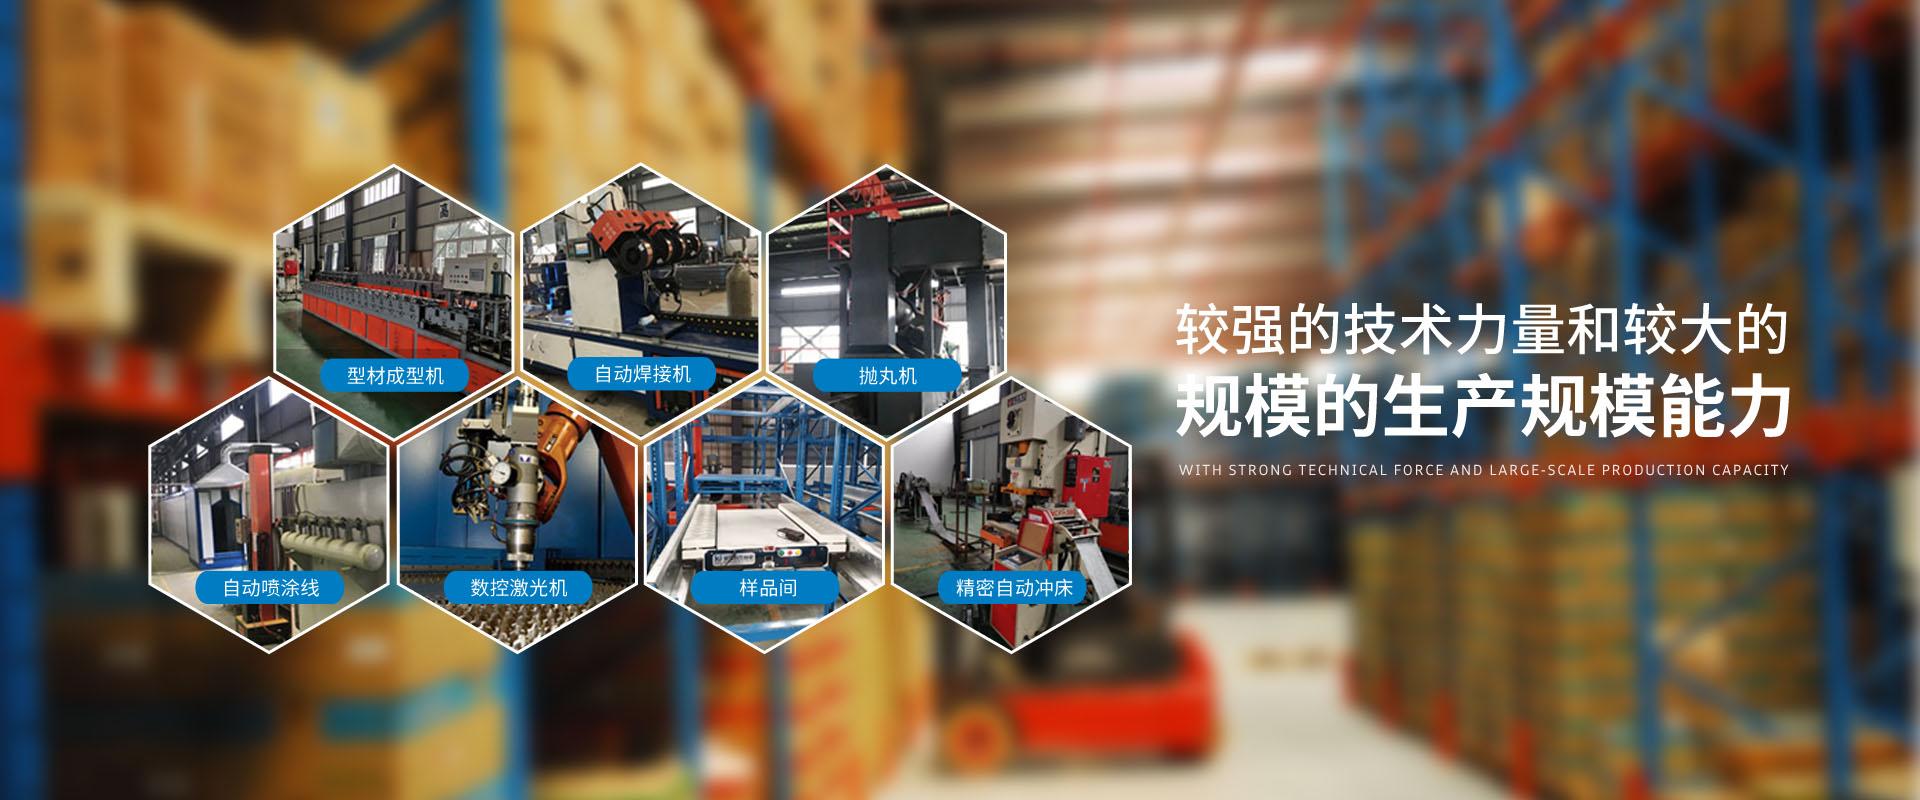 科杰智能仓储主要产品有智能仓储货架、高密度存储货架、常规货架、物流容器。